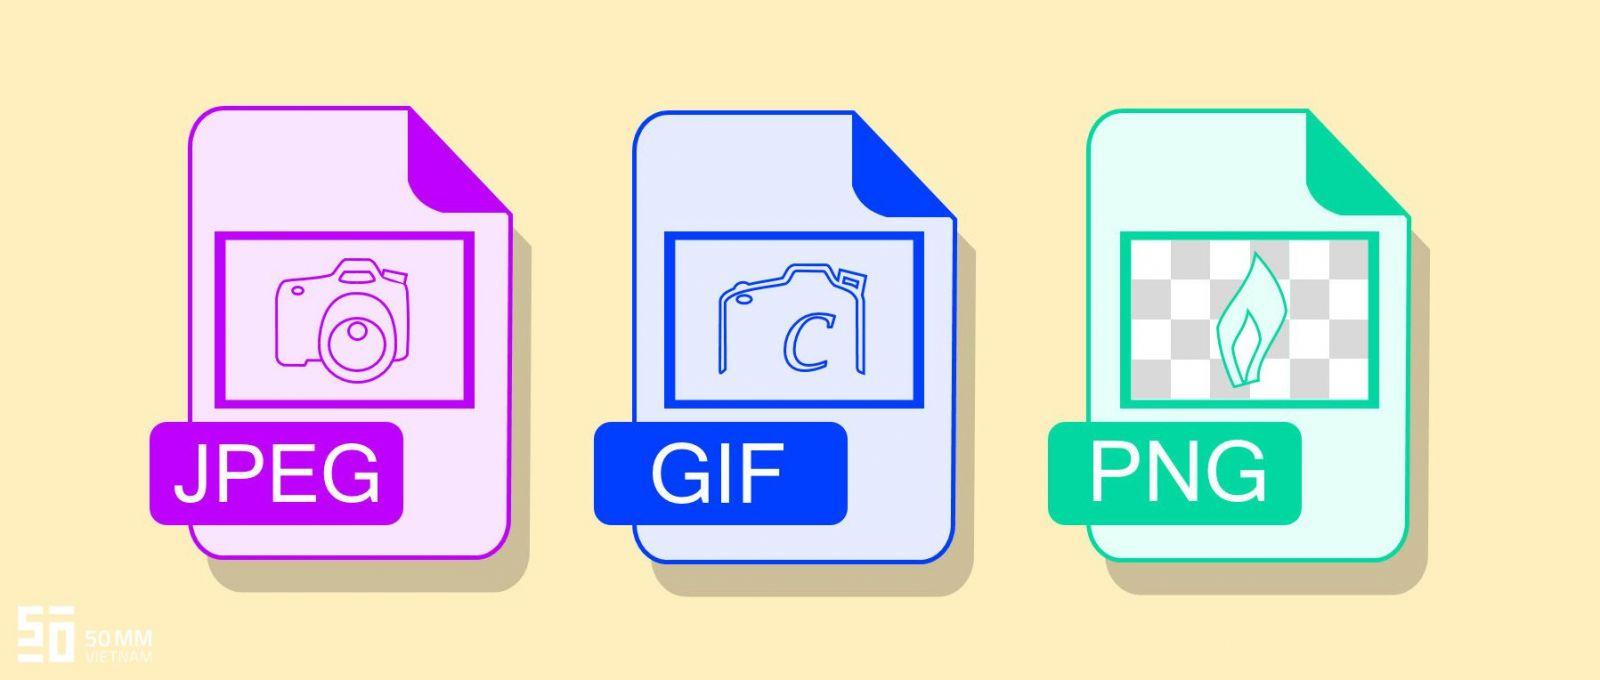 Tại sao nên tối ưu hóa hình ảnh cho website